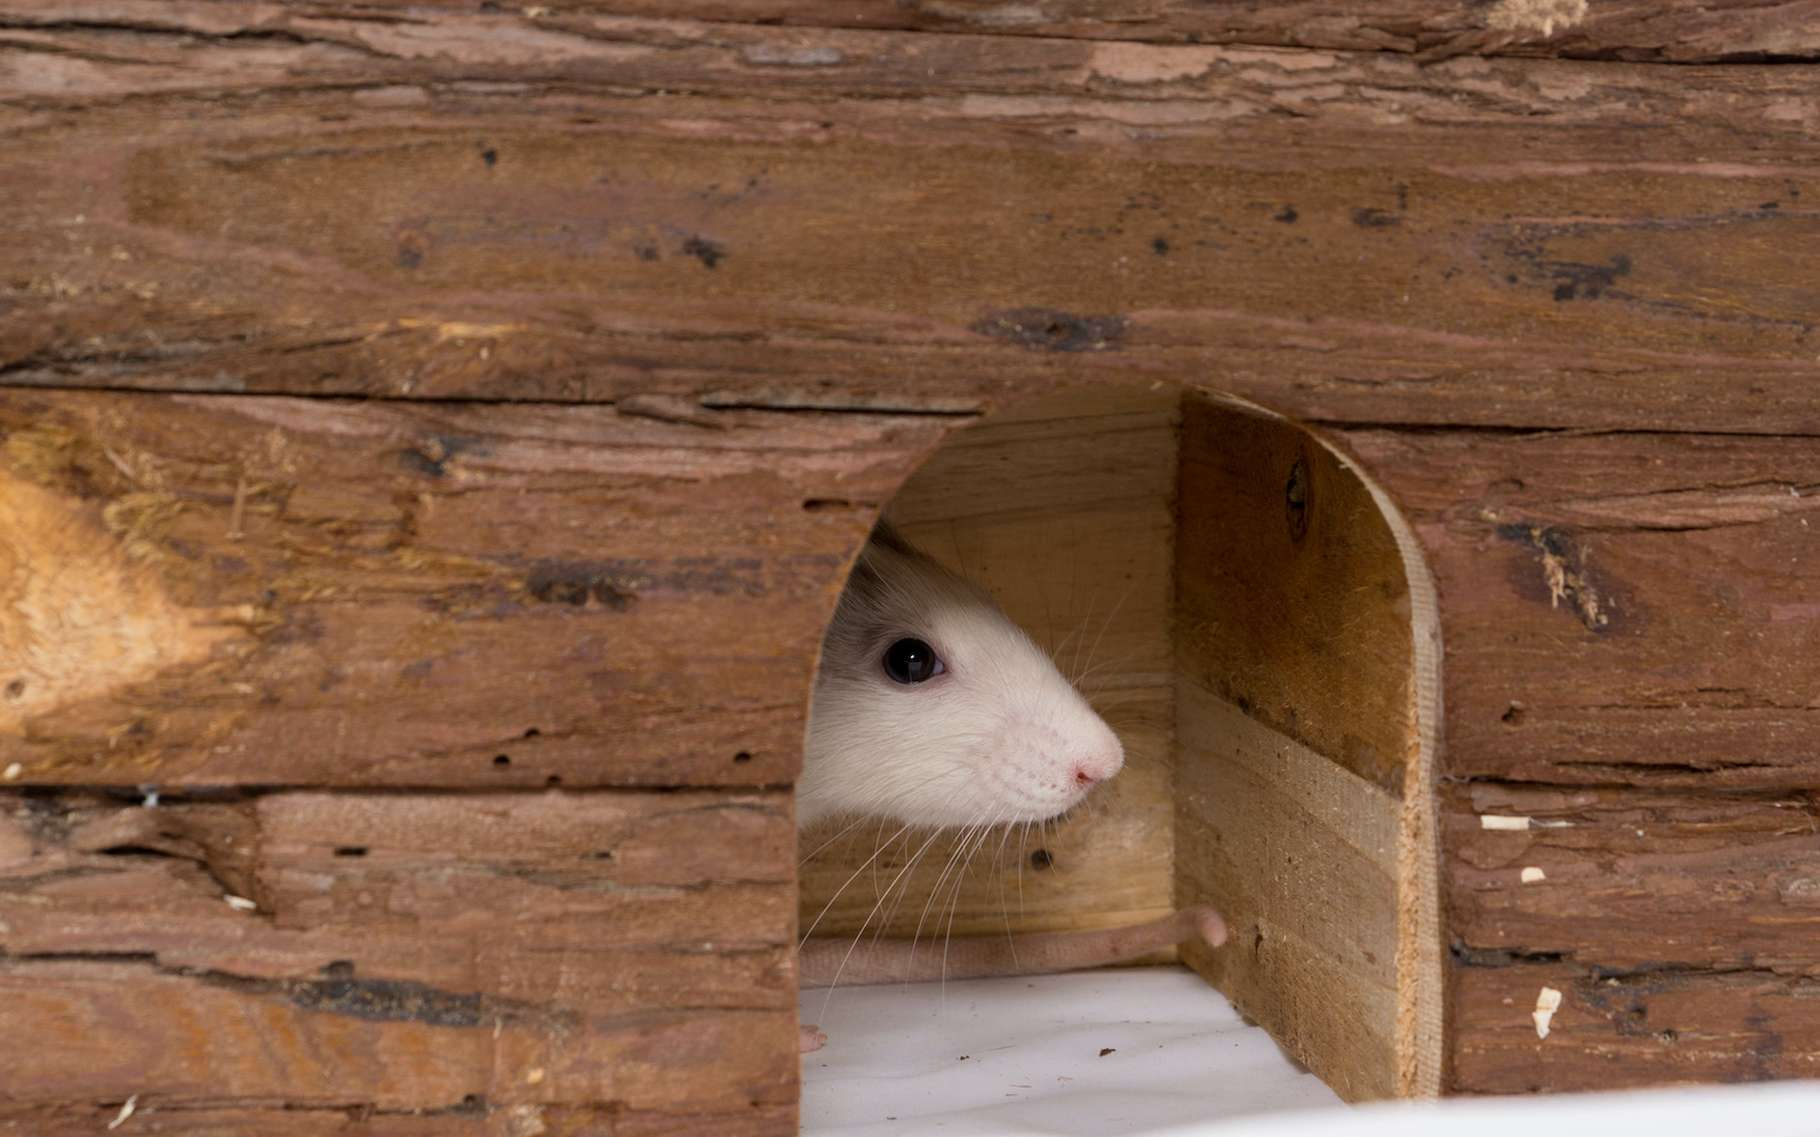 C'est un mal aimé. Pourtant, le rat a plus d'un tour dans son sac. Il est même capable d'apprendre à jouer à cache-cache. Et d'y prendre du plaisir. Pas si bête, le rat ! © Magalice, Adobe Stock